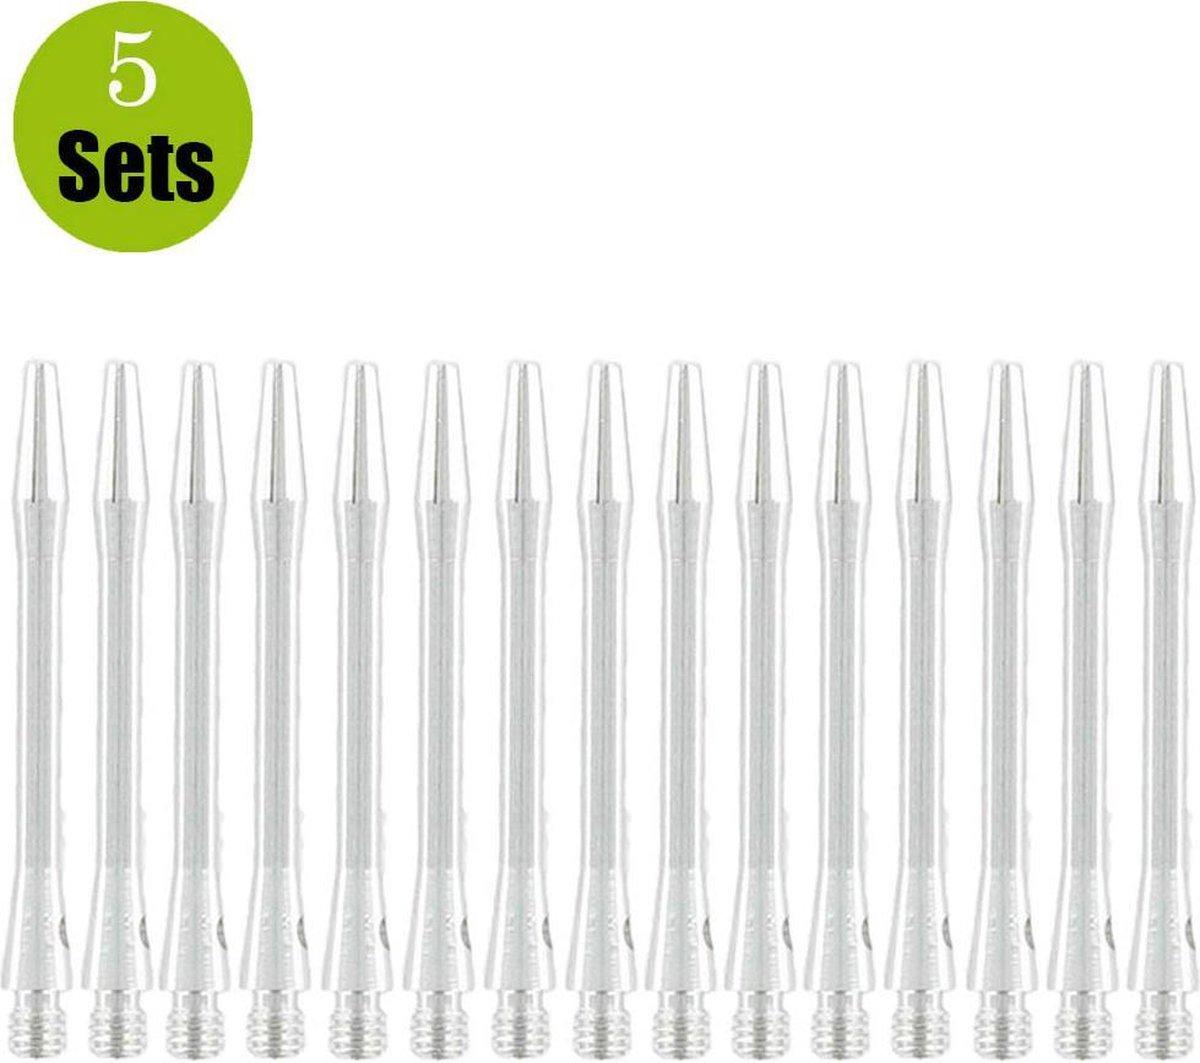 Bulls Aluminium 5sets DartShafts - Zilver - In Between - (5 Sets)